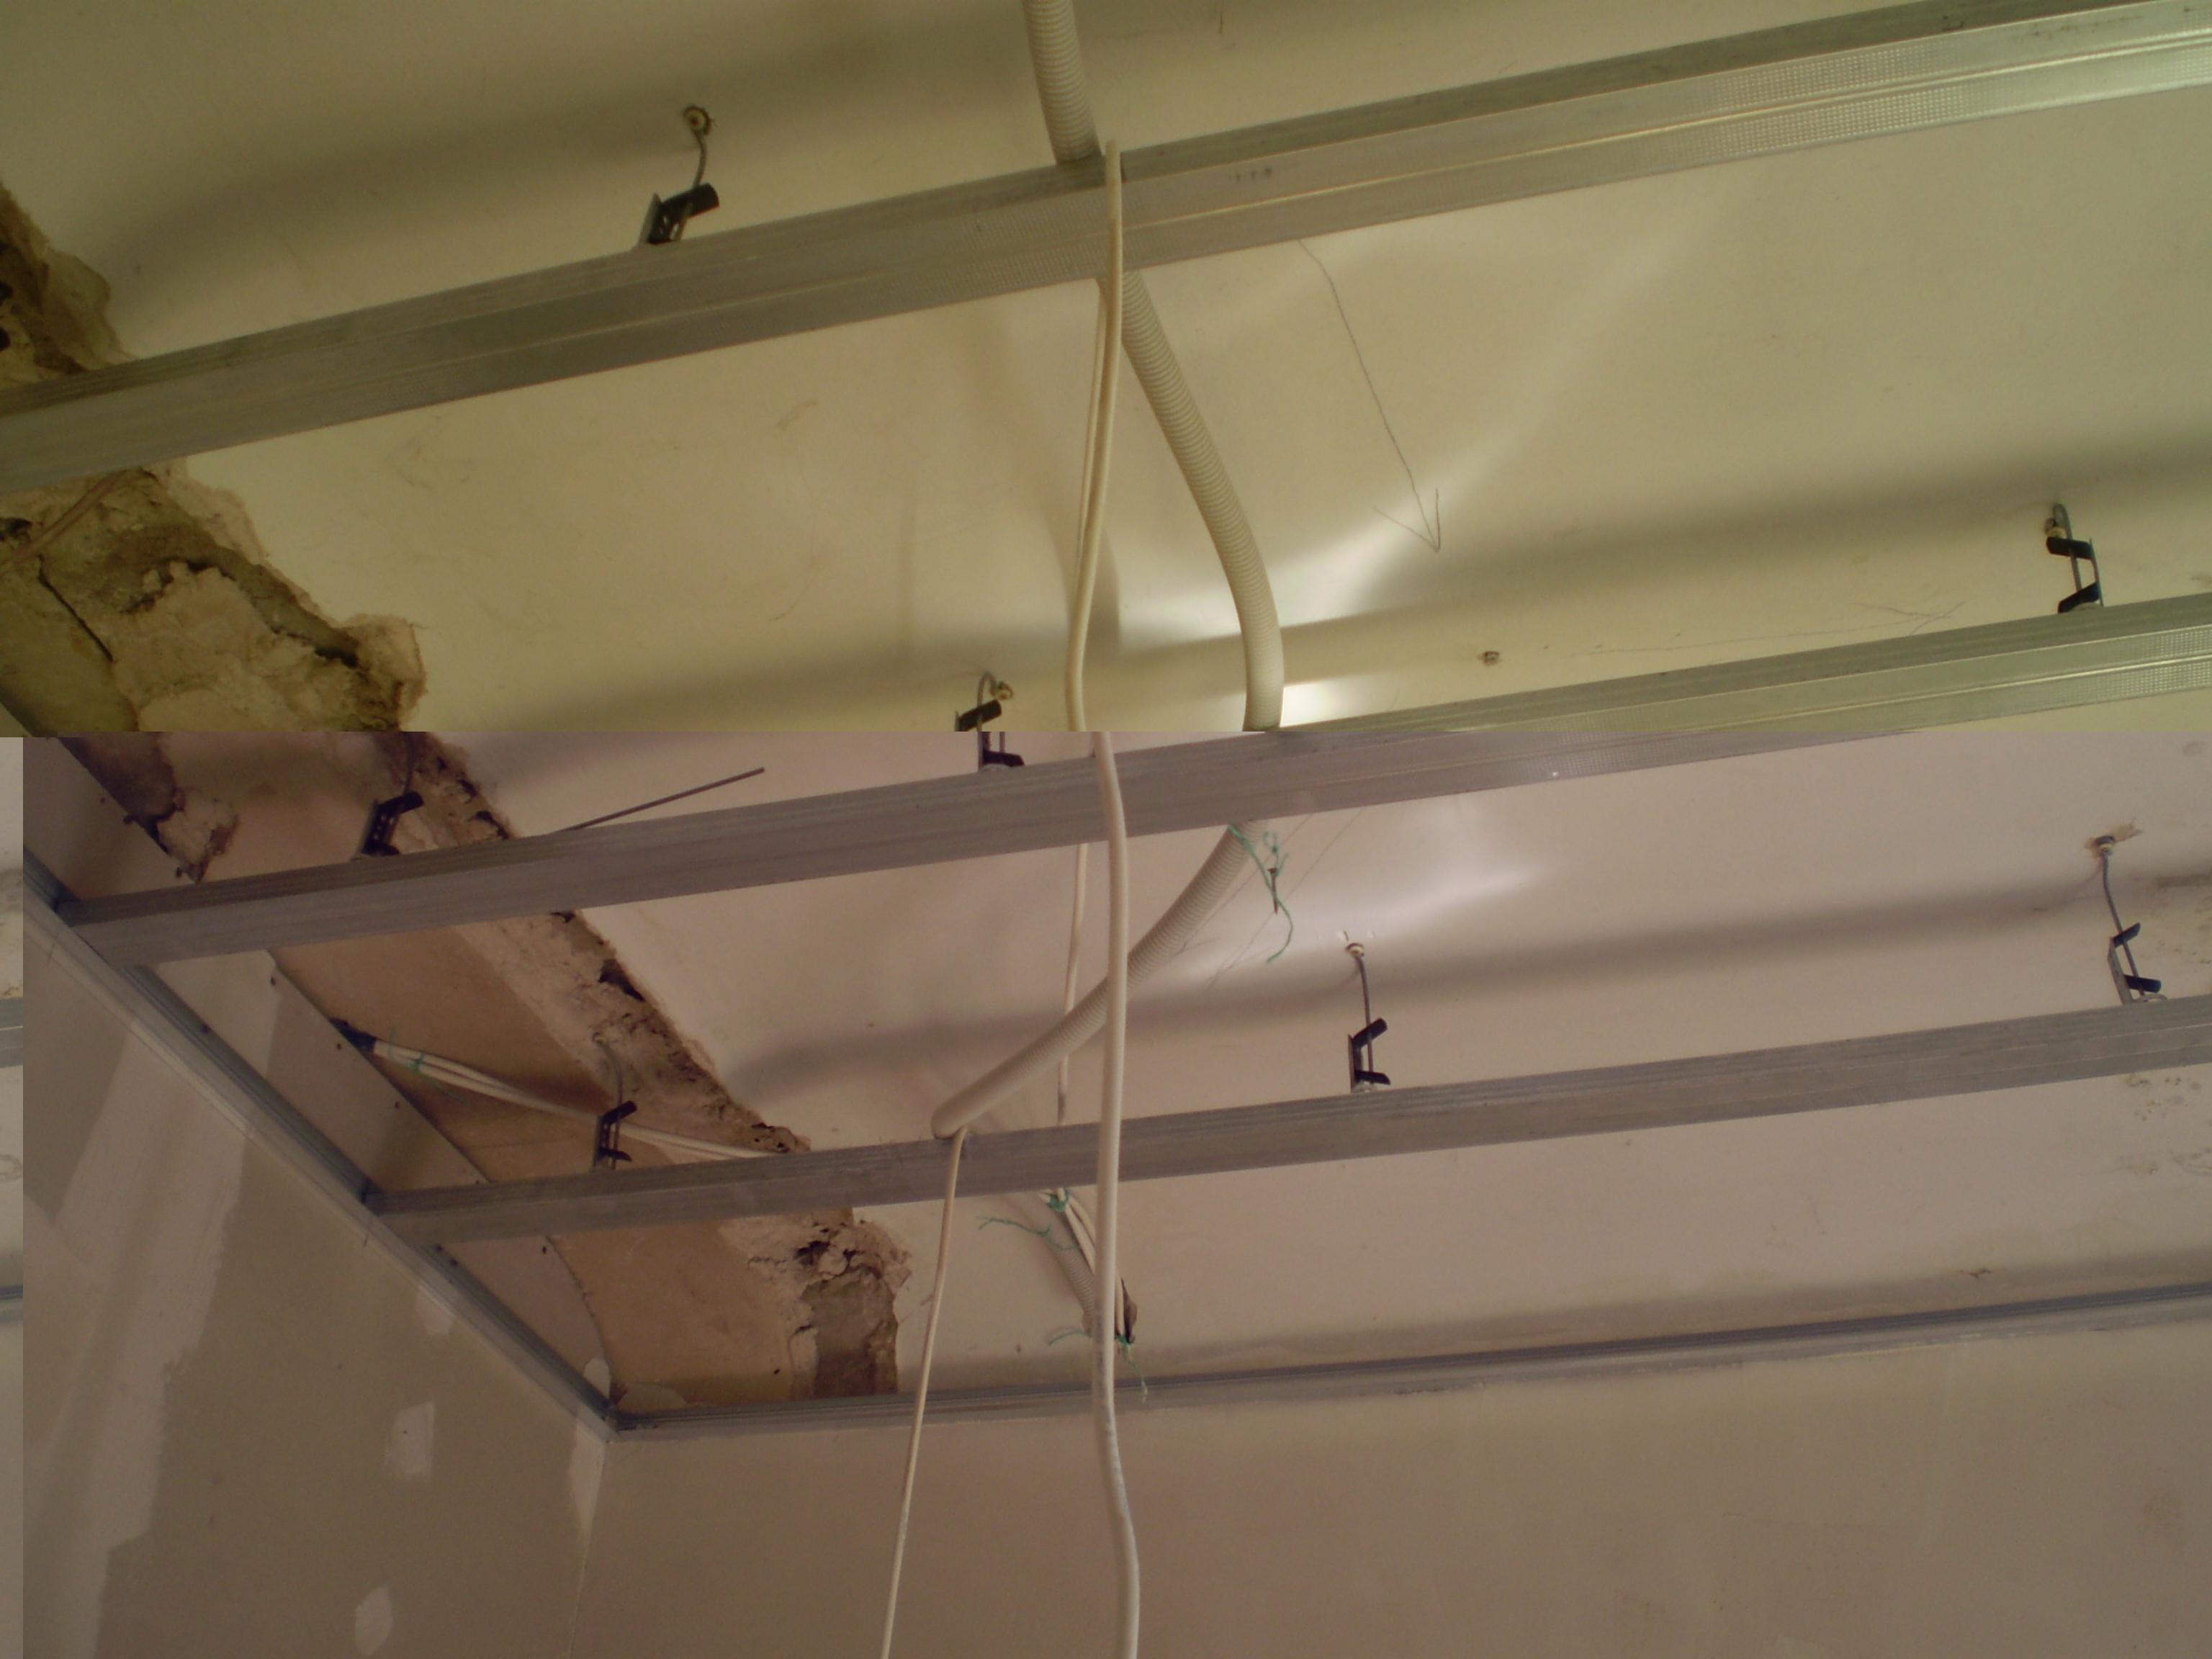 Несущие, направляющие профили вставим в стартовый каркас, закрепленный по периметру потолка.